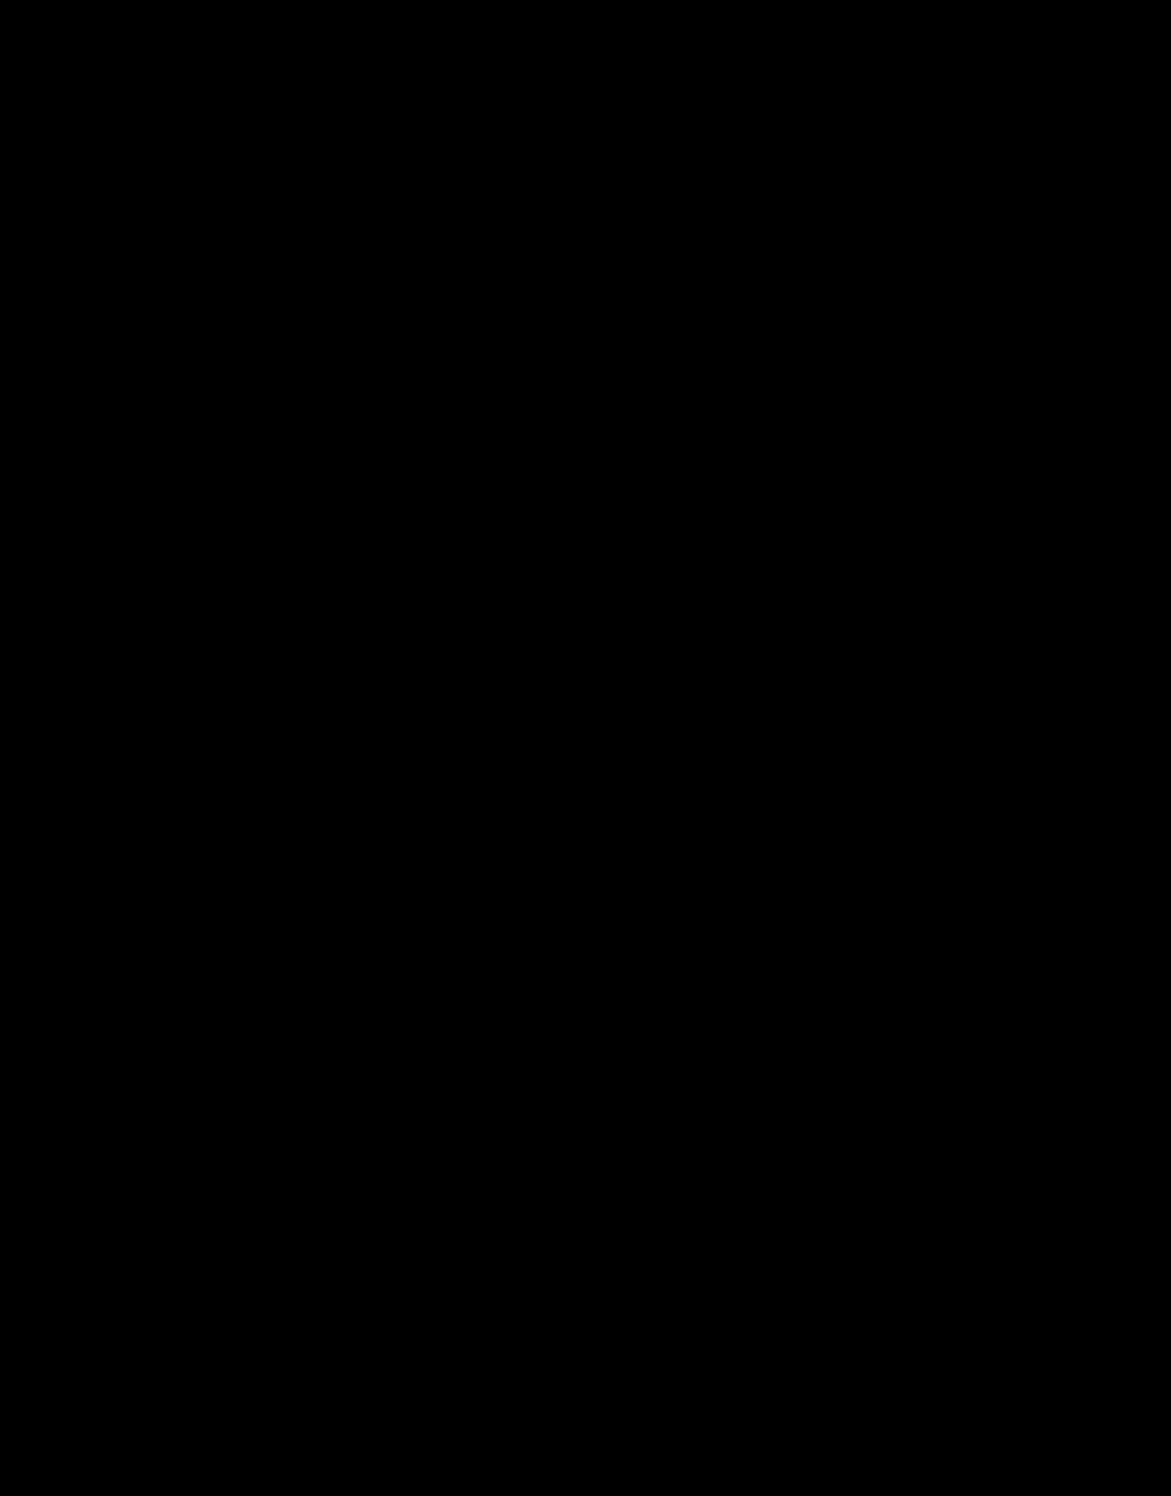 modification_in_even_sem_cop_schedule_2019-20